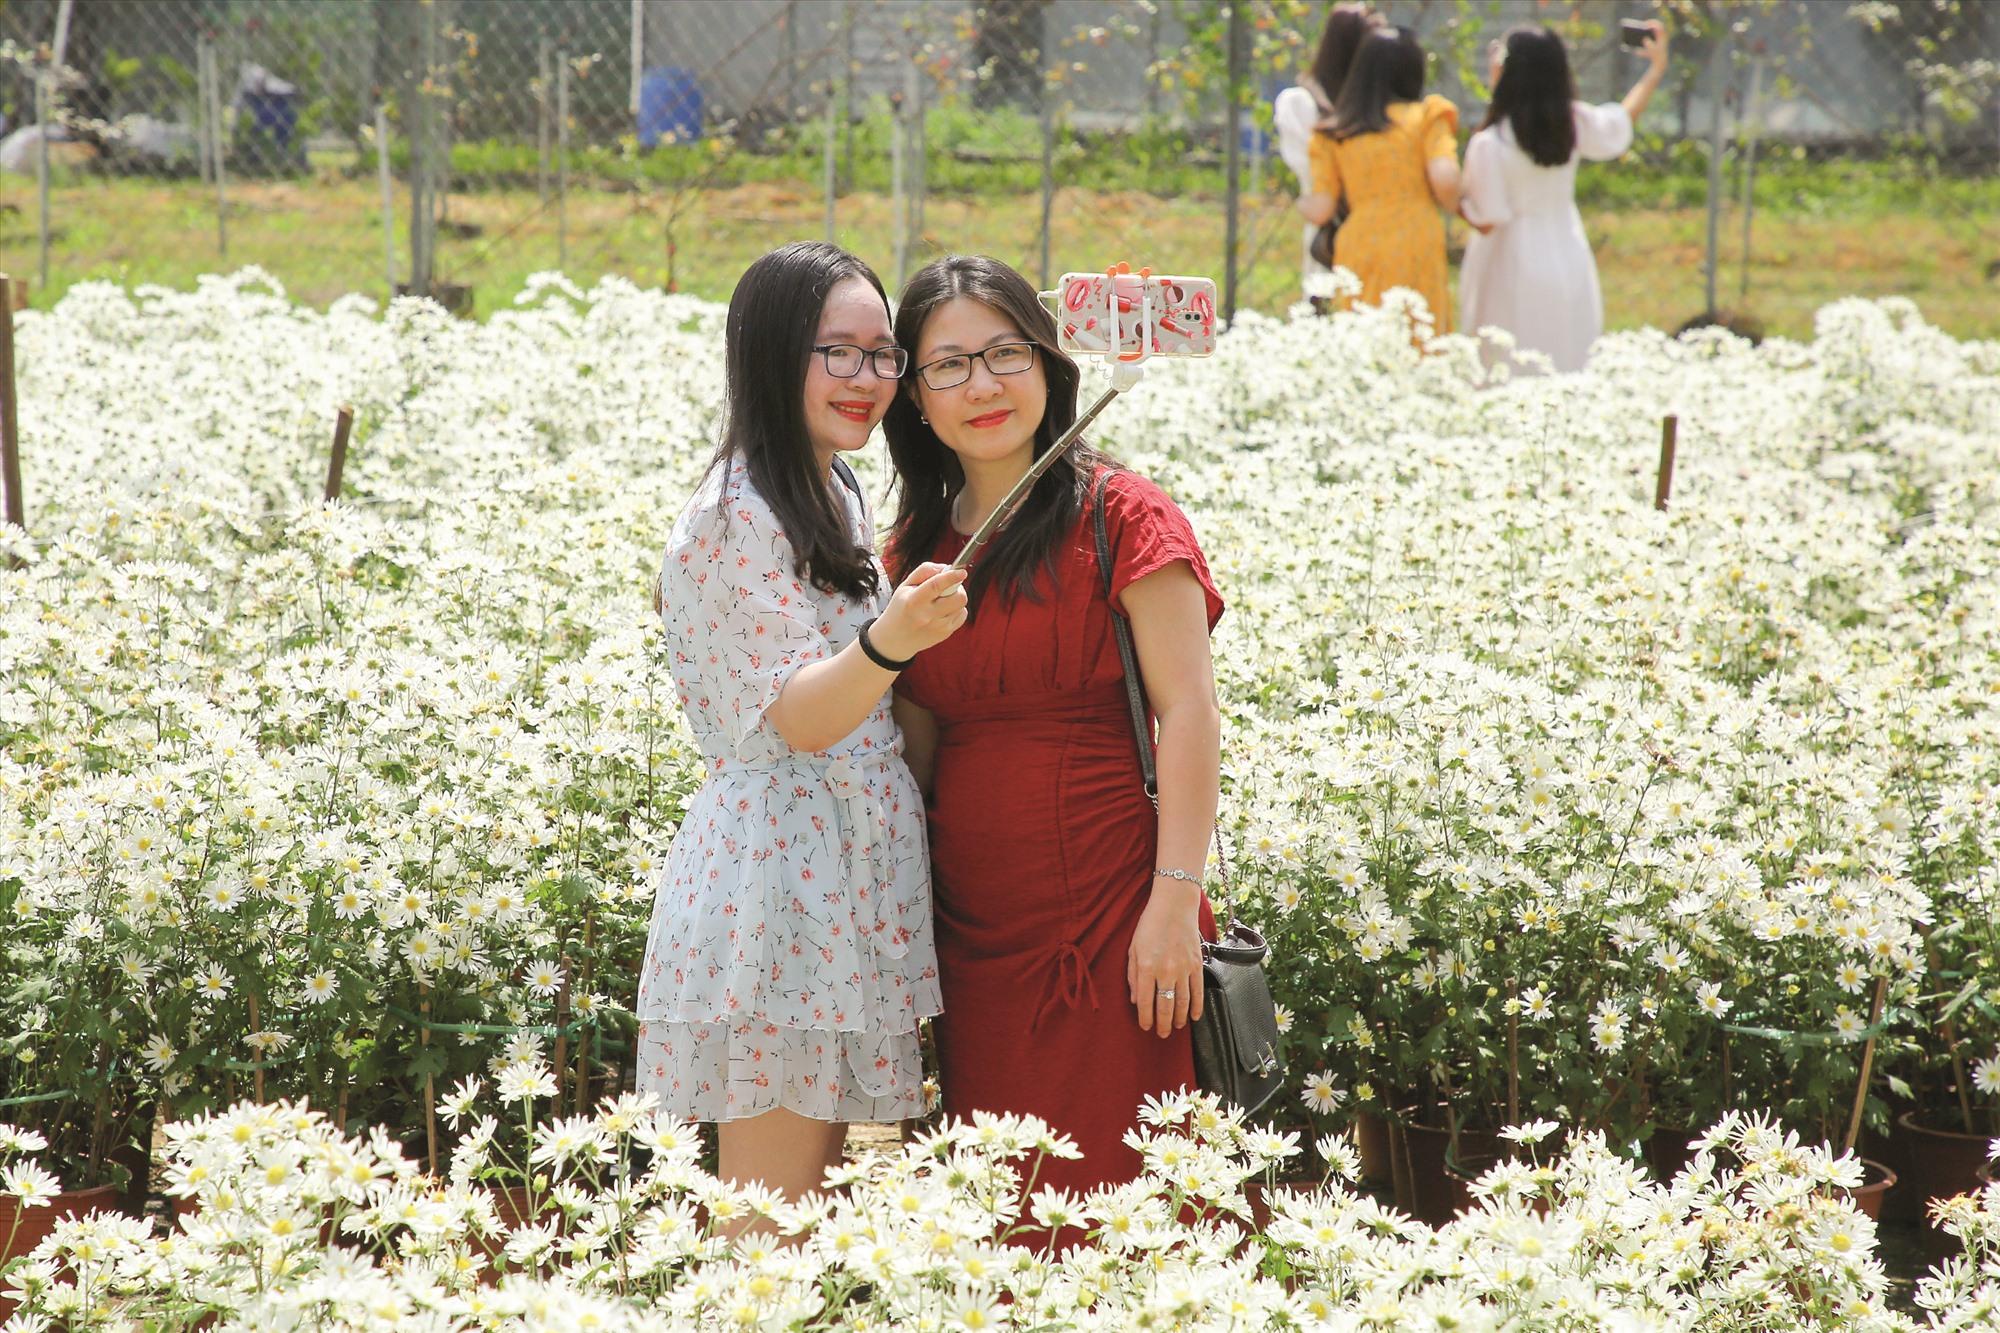 Trung tâm Công nghệ sinh học Đà Nẵng cho biết việc thử nghiệm hoa nở trái mùa sẽ giúp địa phương có thể nhân rộng giống cây này để phục vụ du lịch.